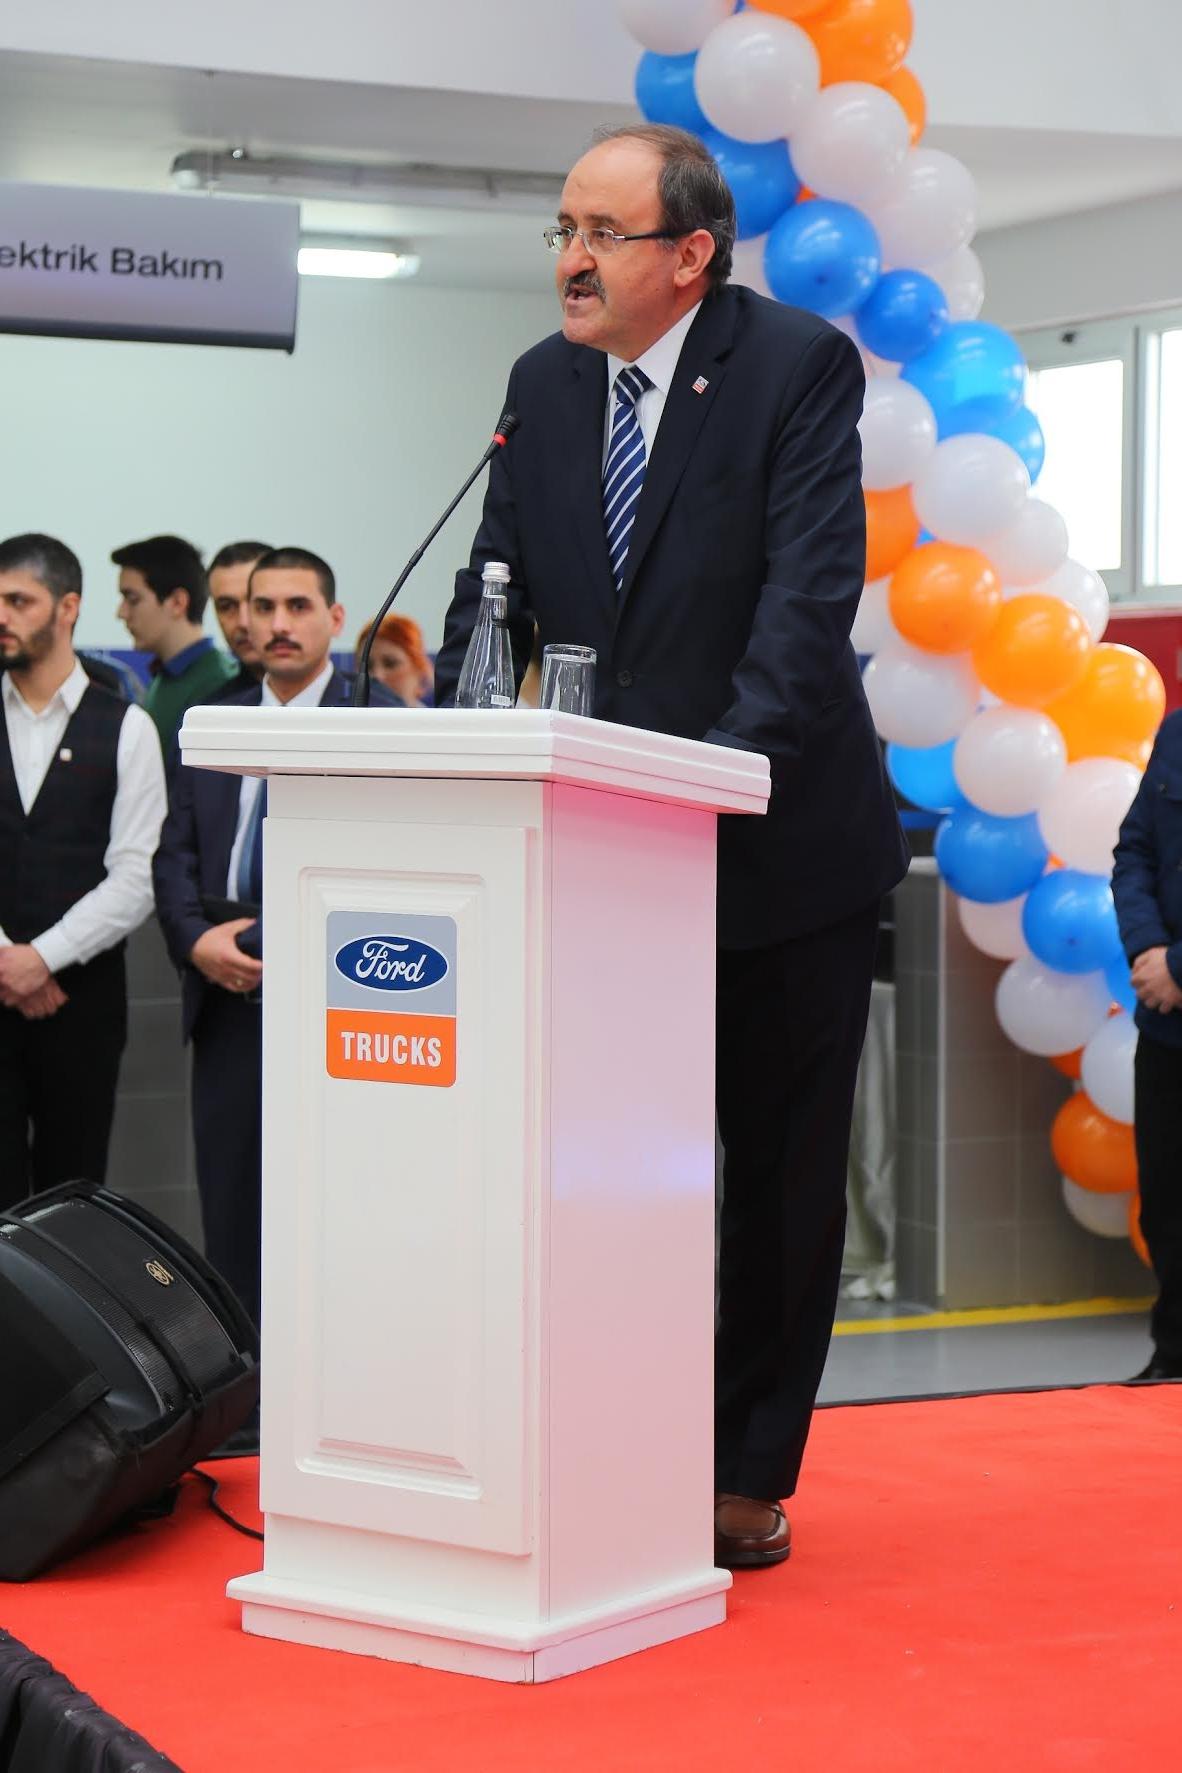 Ford Trucks bayi yatırımları Sakarya'da devam ediyor